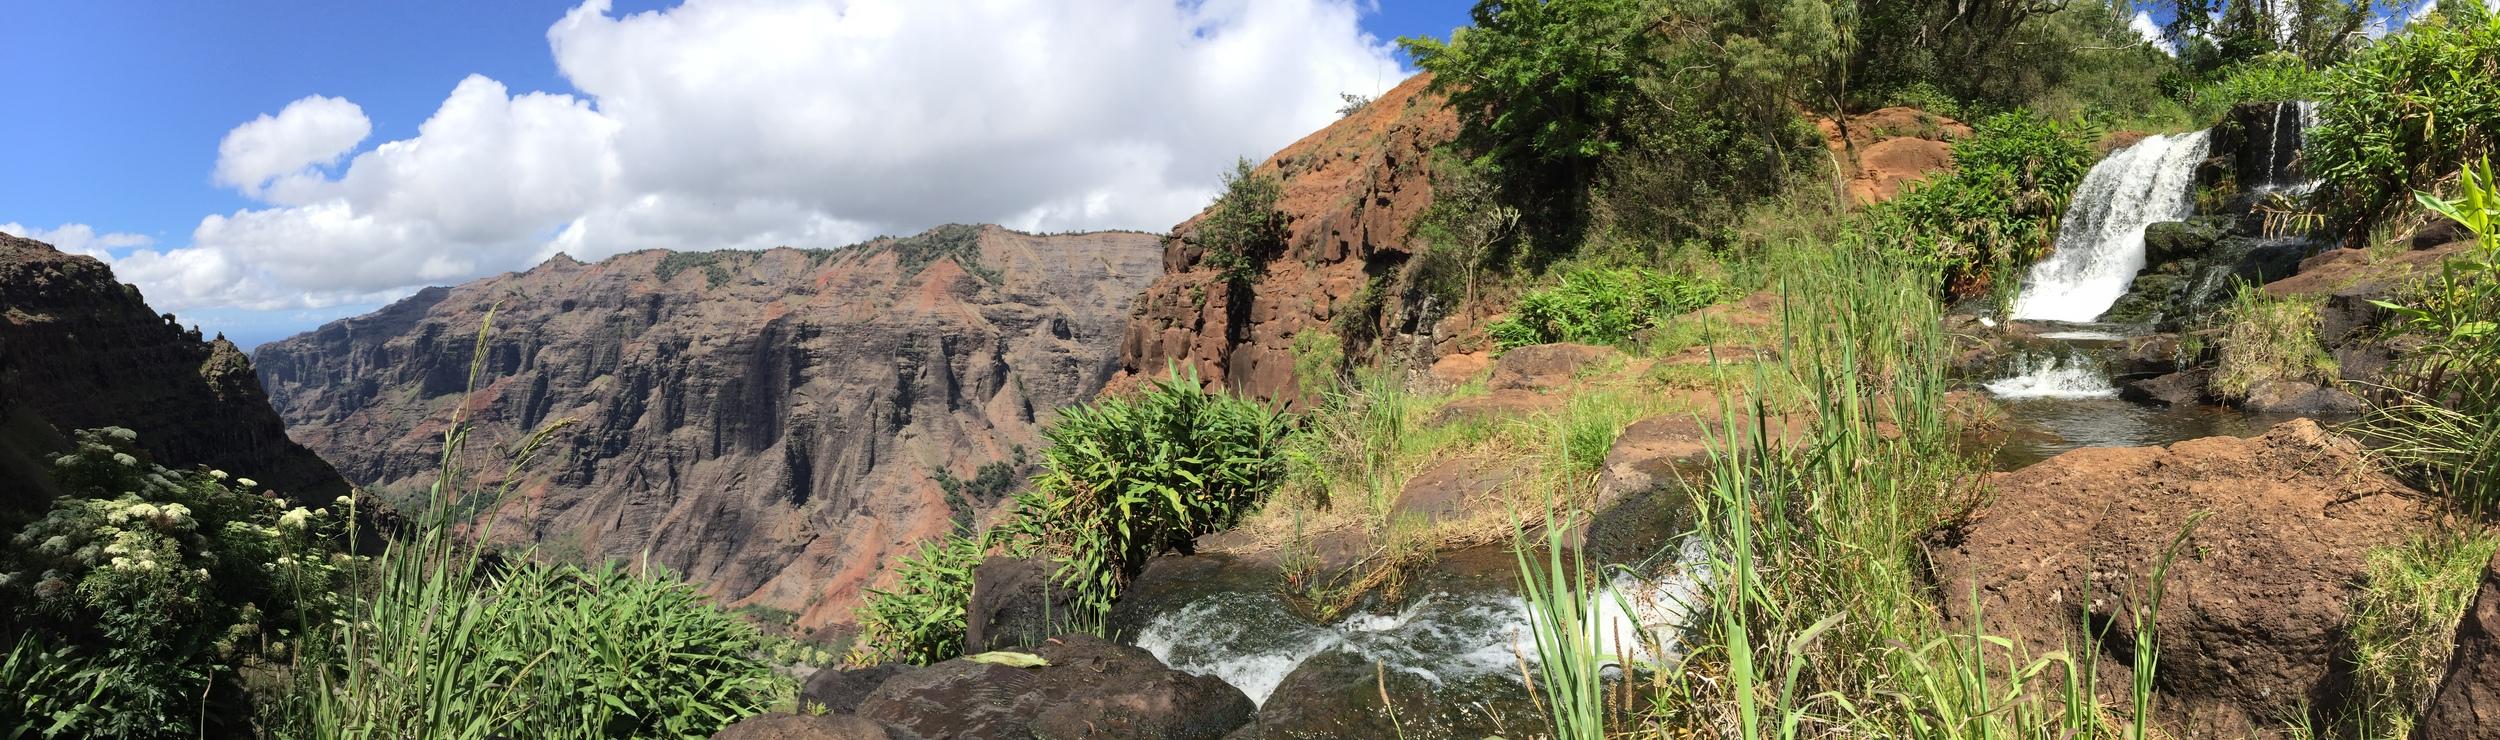 Waimea Canyon // Kauai, Hawaii via Jitney's Journeys